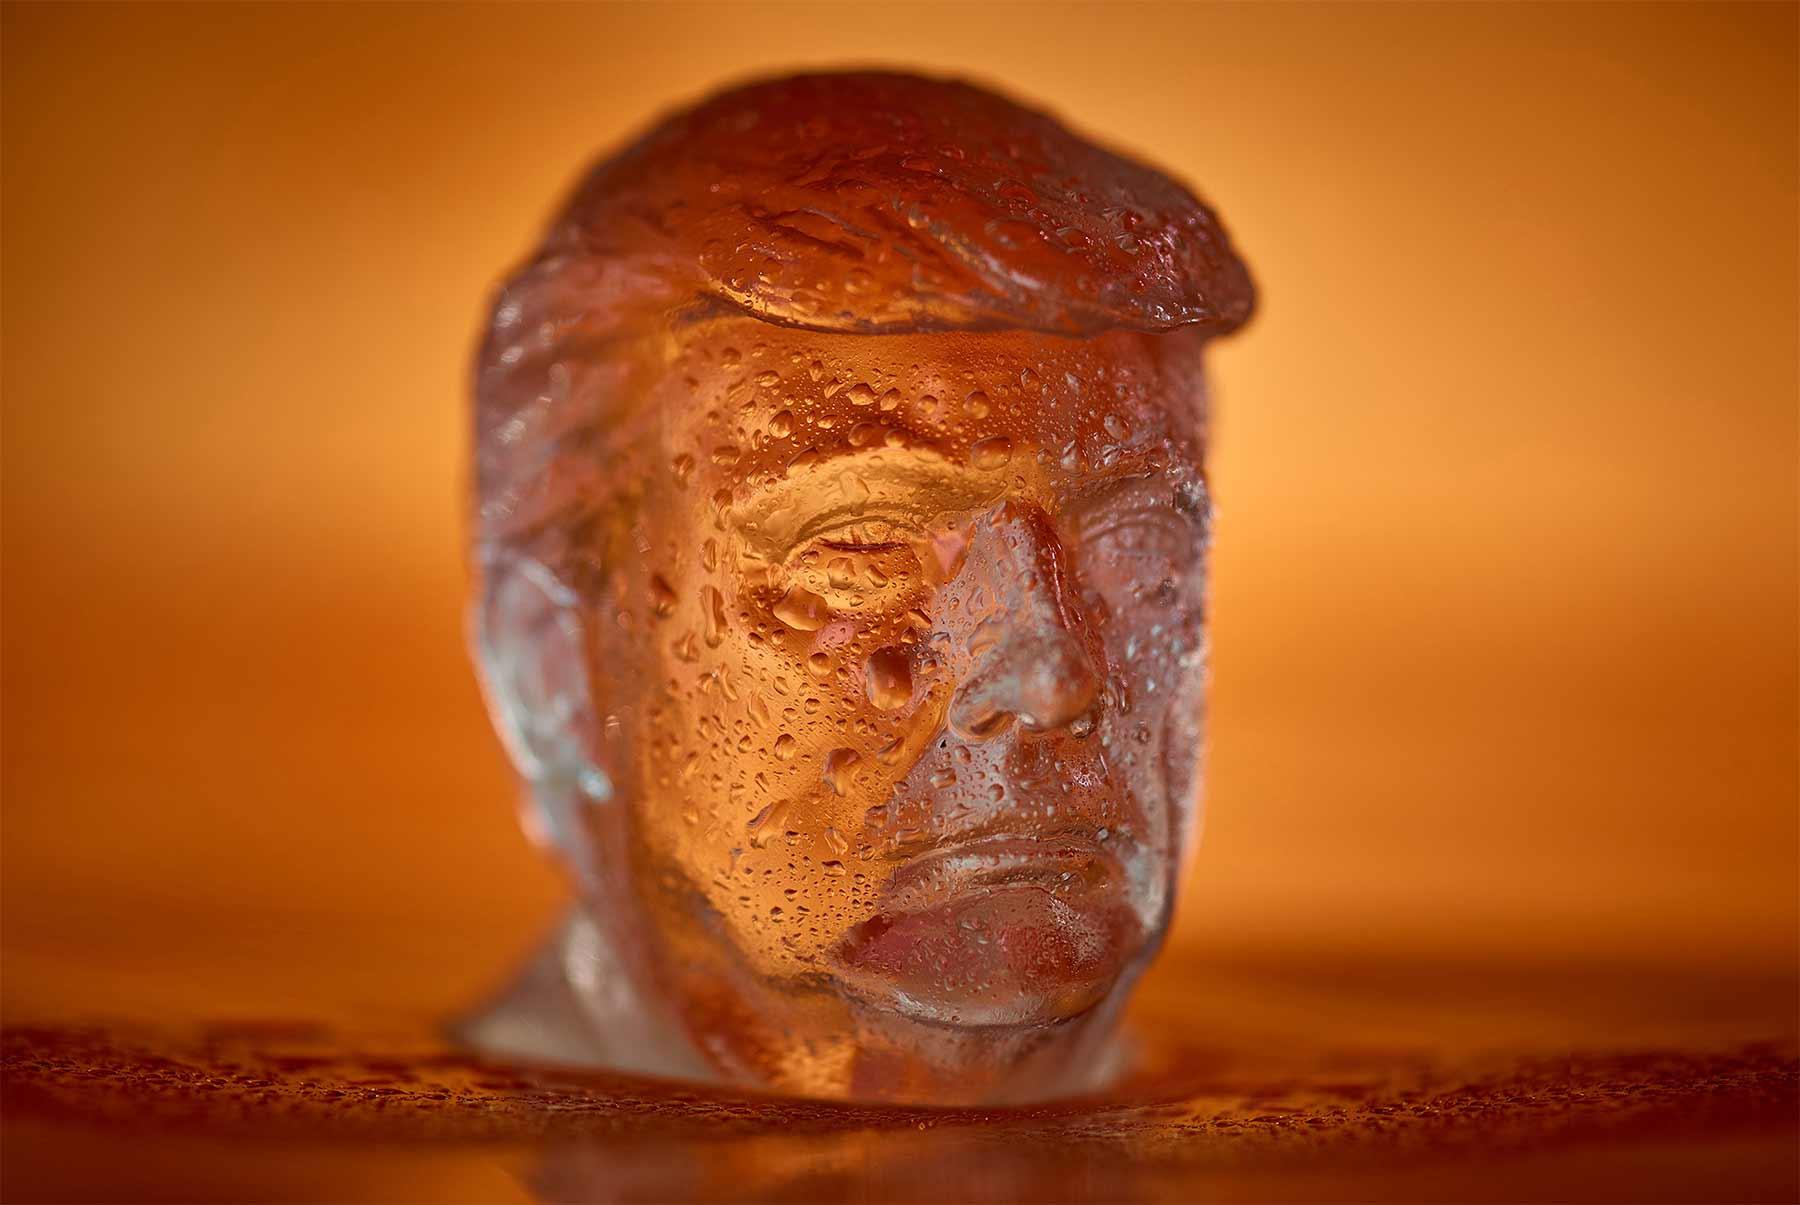 Donald Trump-Eiswürfel donald-trump_eiswuerfel_01